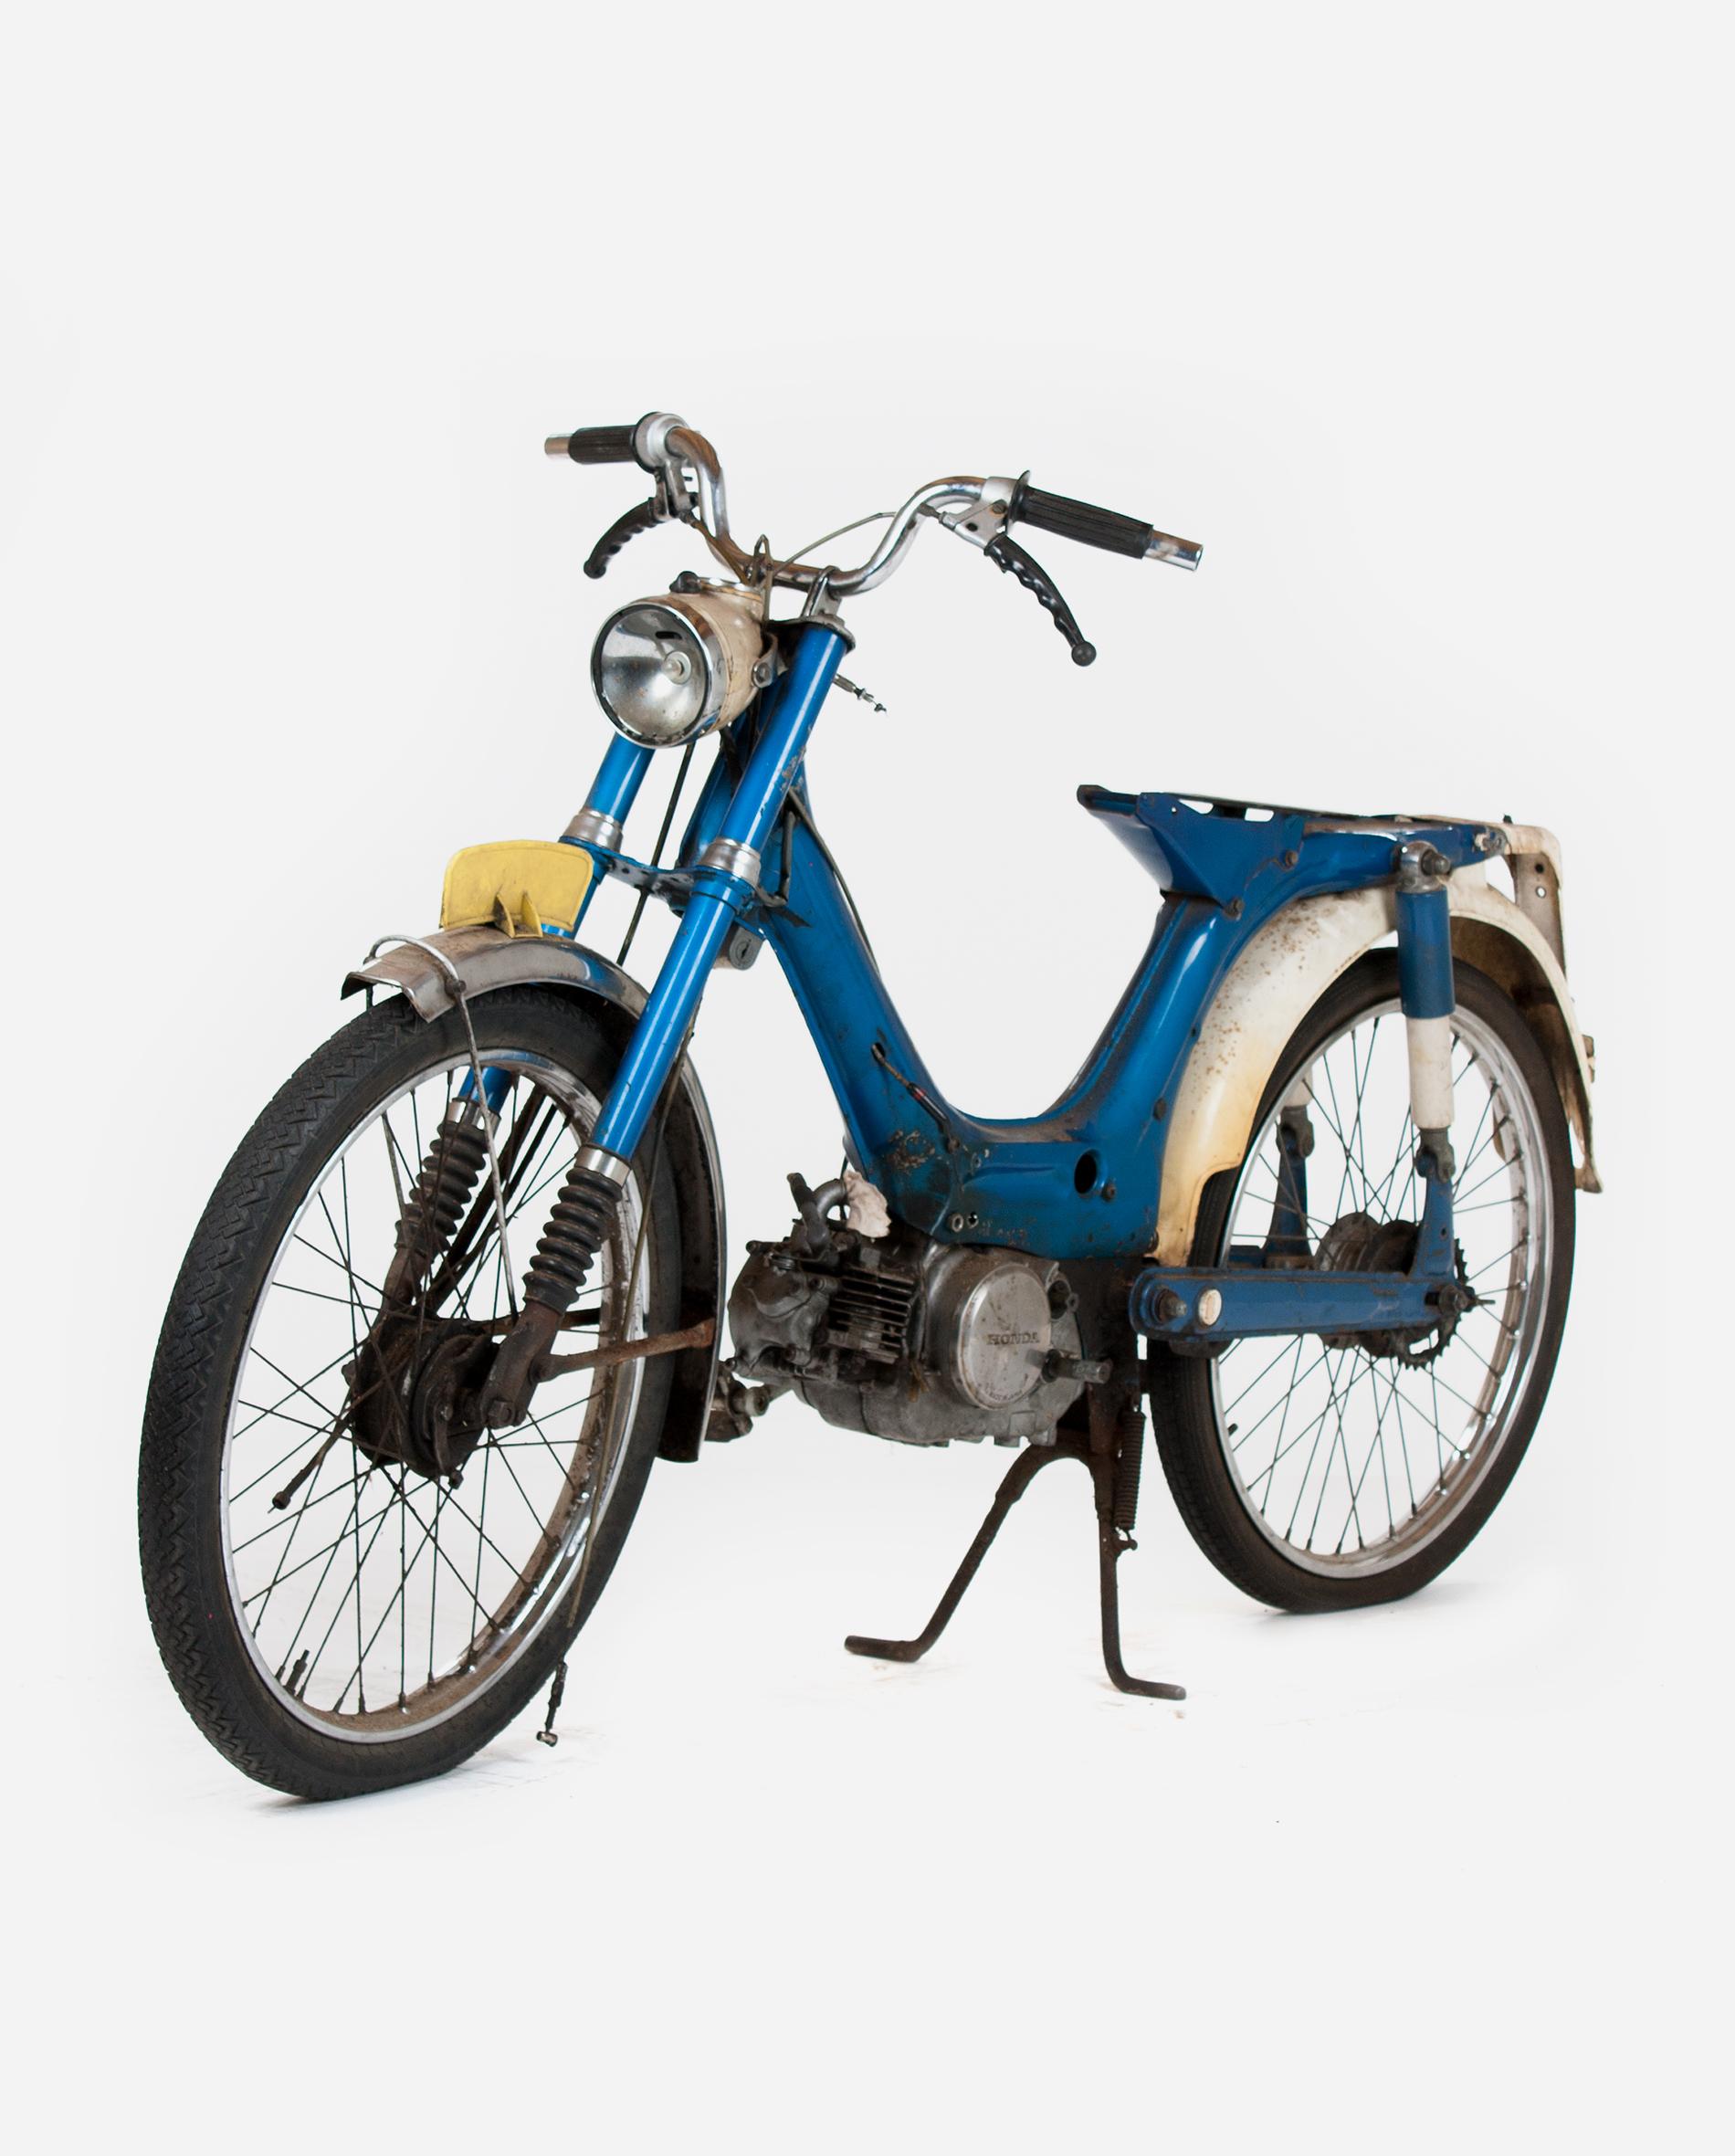 Honda-pc50-projectje-lv · Fourstrokebarn